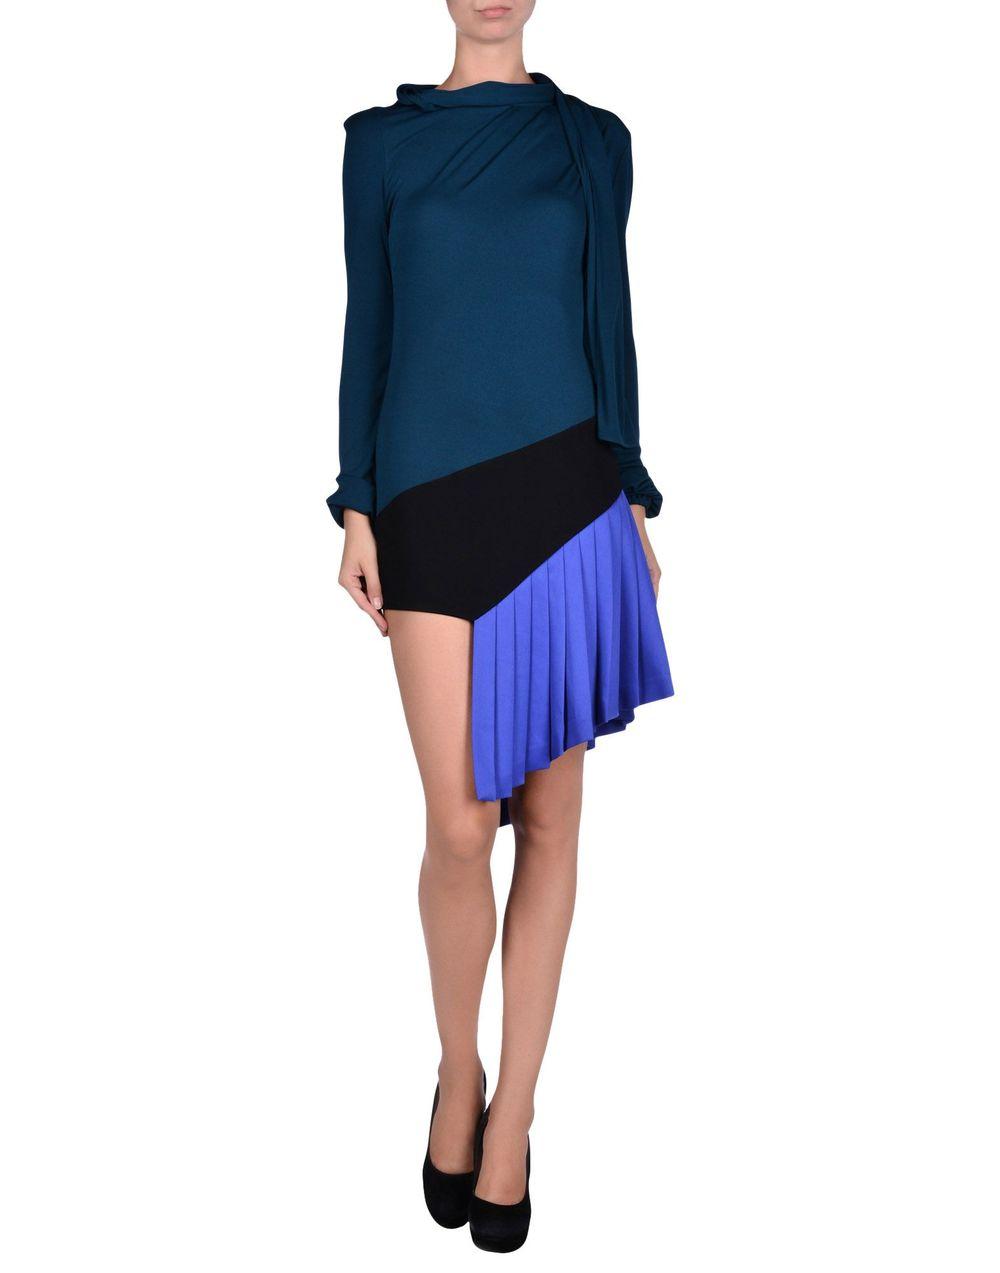 yoox.com:us:34556708AL:item#dept=women&sts=sr_women80&cod10=34556708AL&sizeId=.jpg